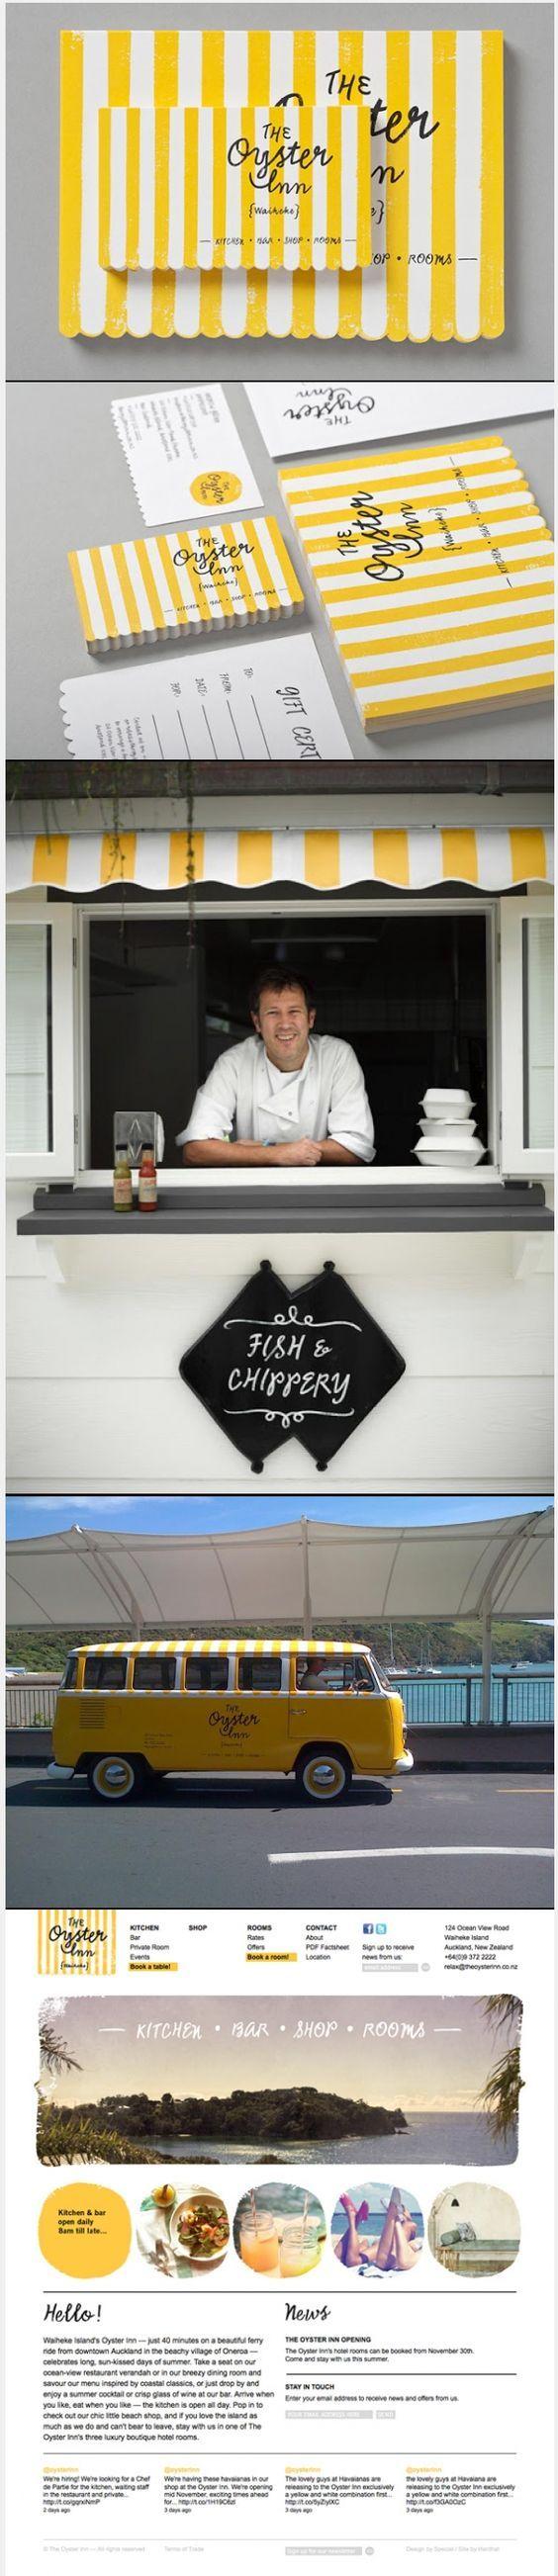 The Oyster Inn Branding | Fivestar Branding – Design and Branding Agency & Inspiration Gallery